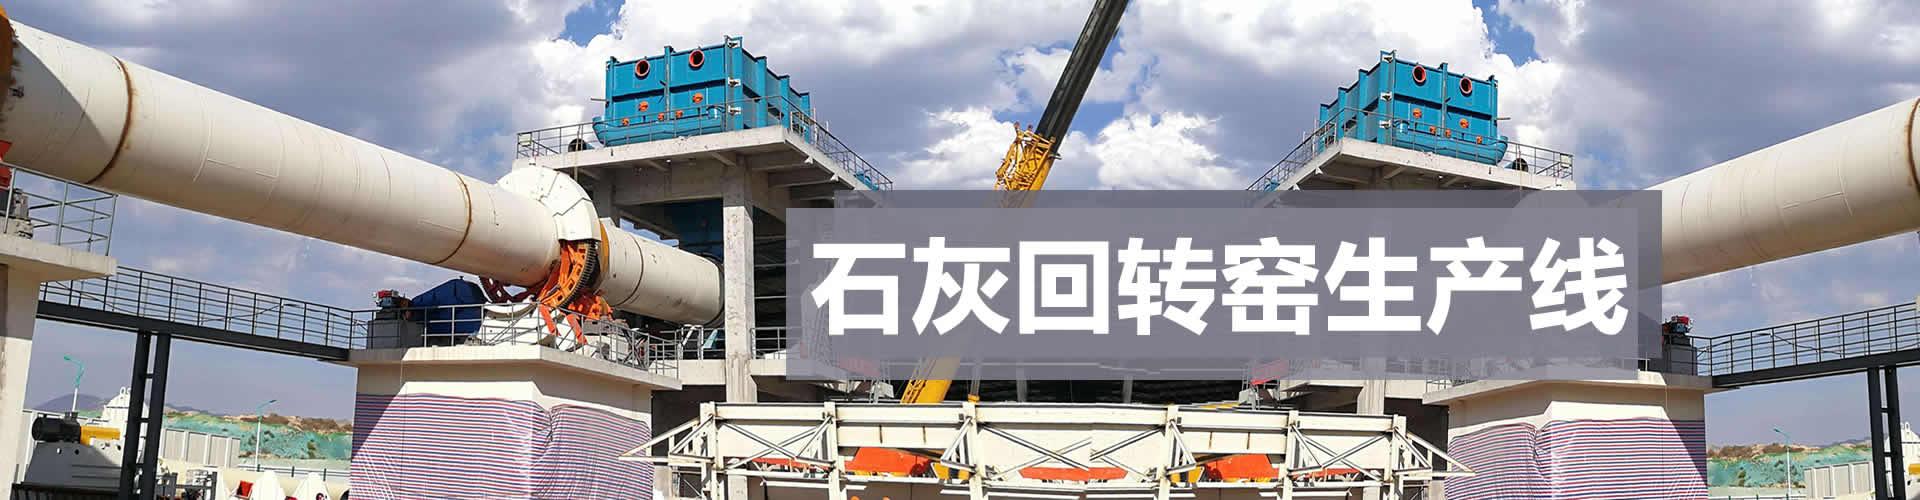 通佳工业大型易胜博ysb体育app安卓下载生产线现场